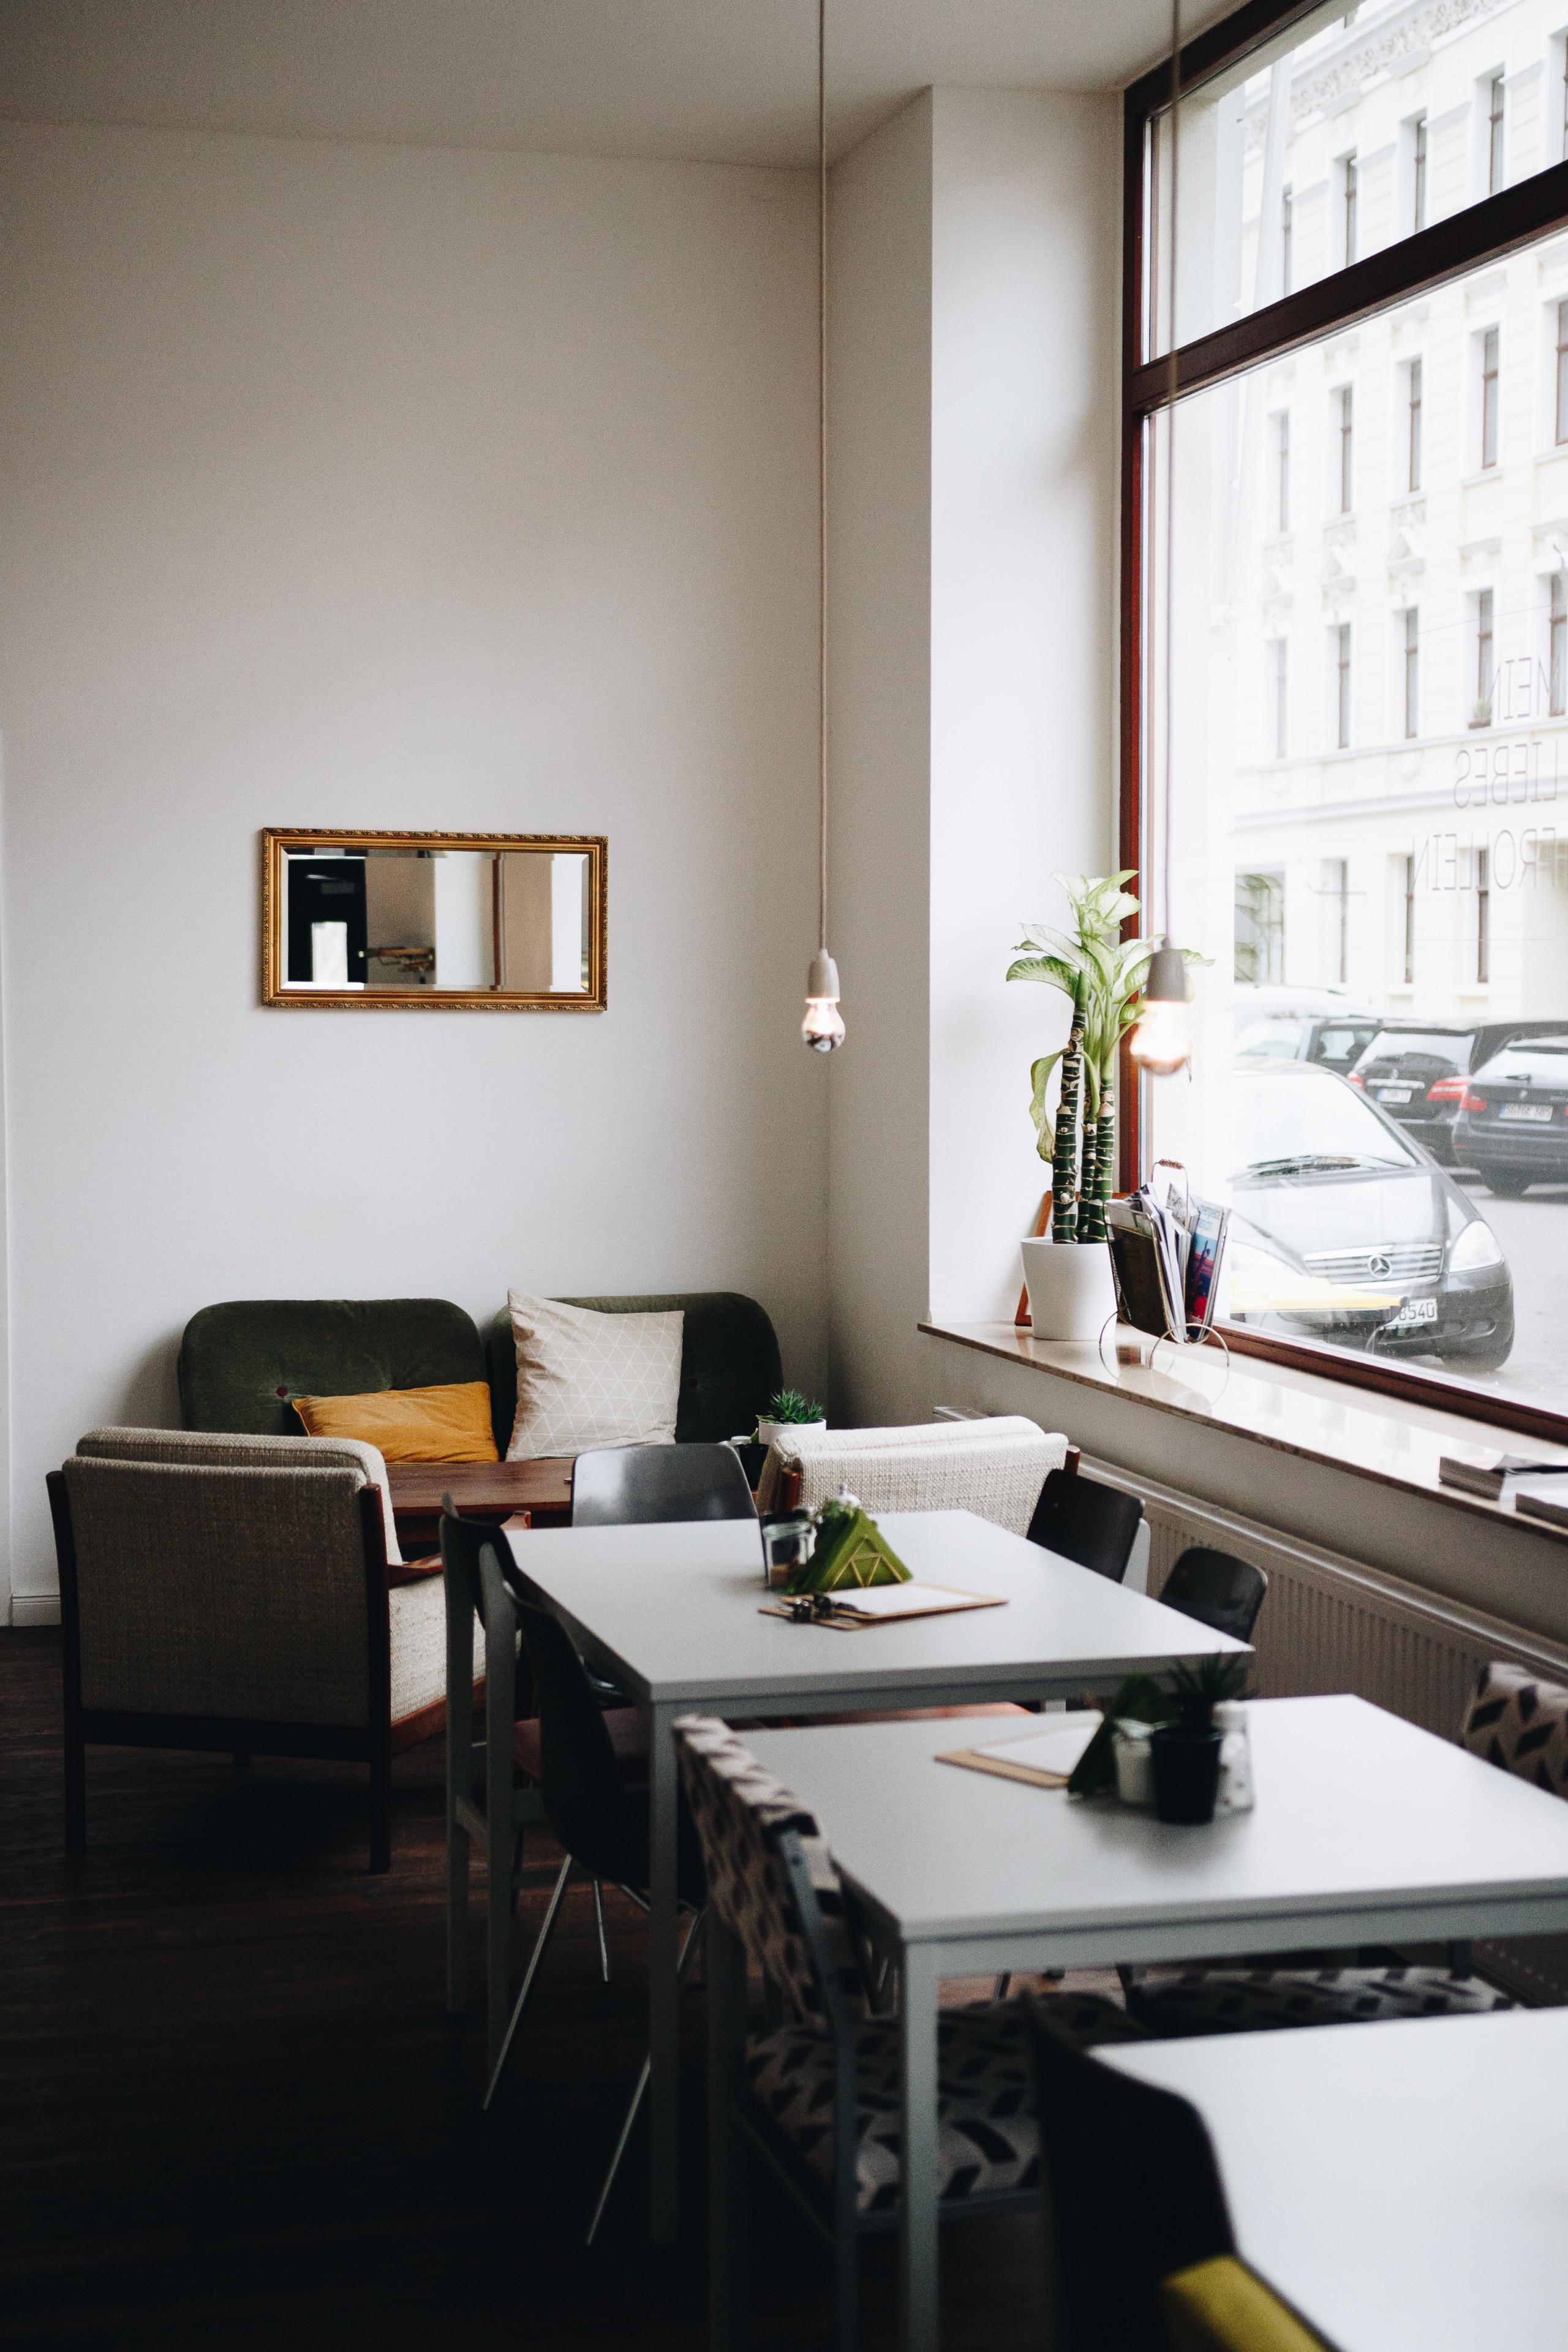 mein liebes frollein-leipzig-café17